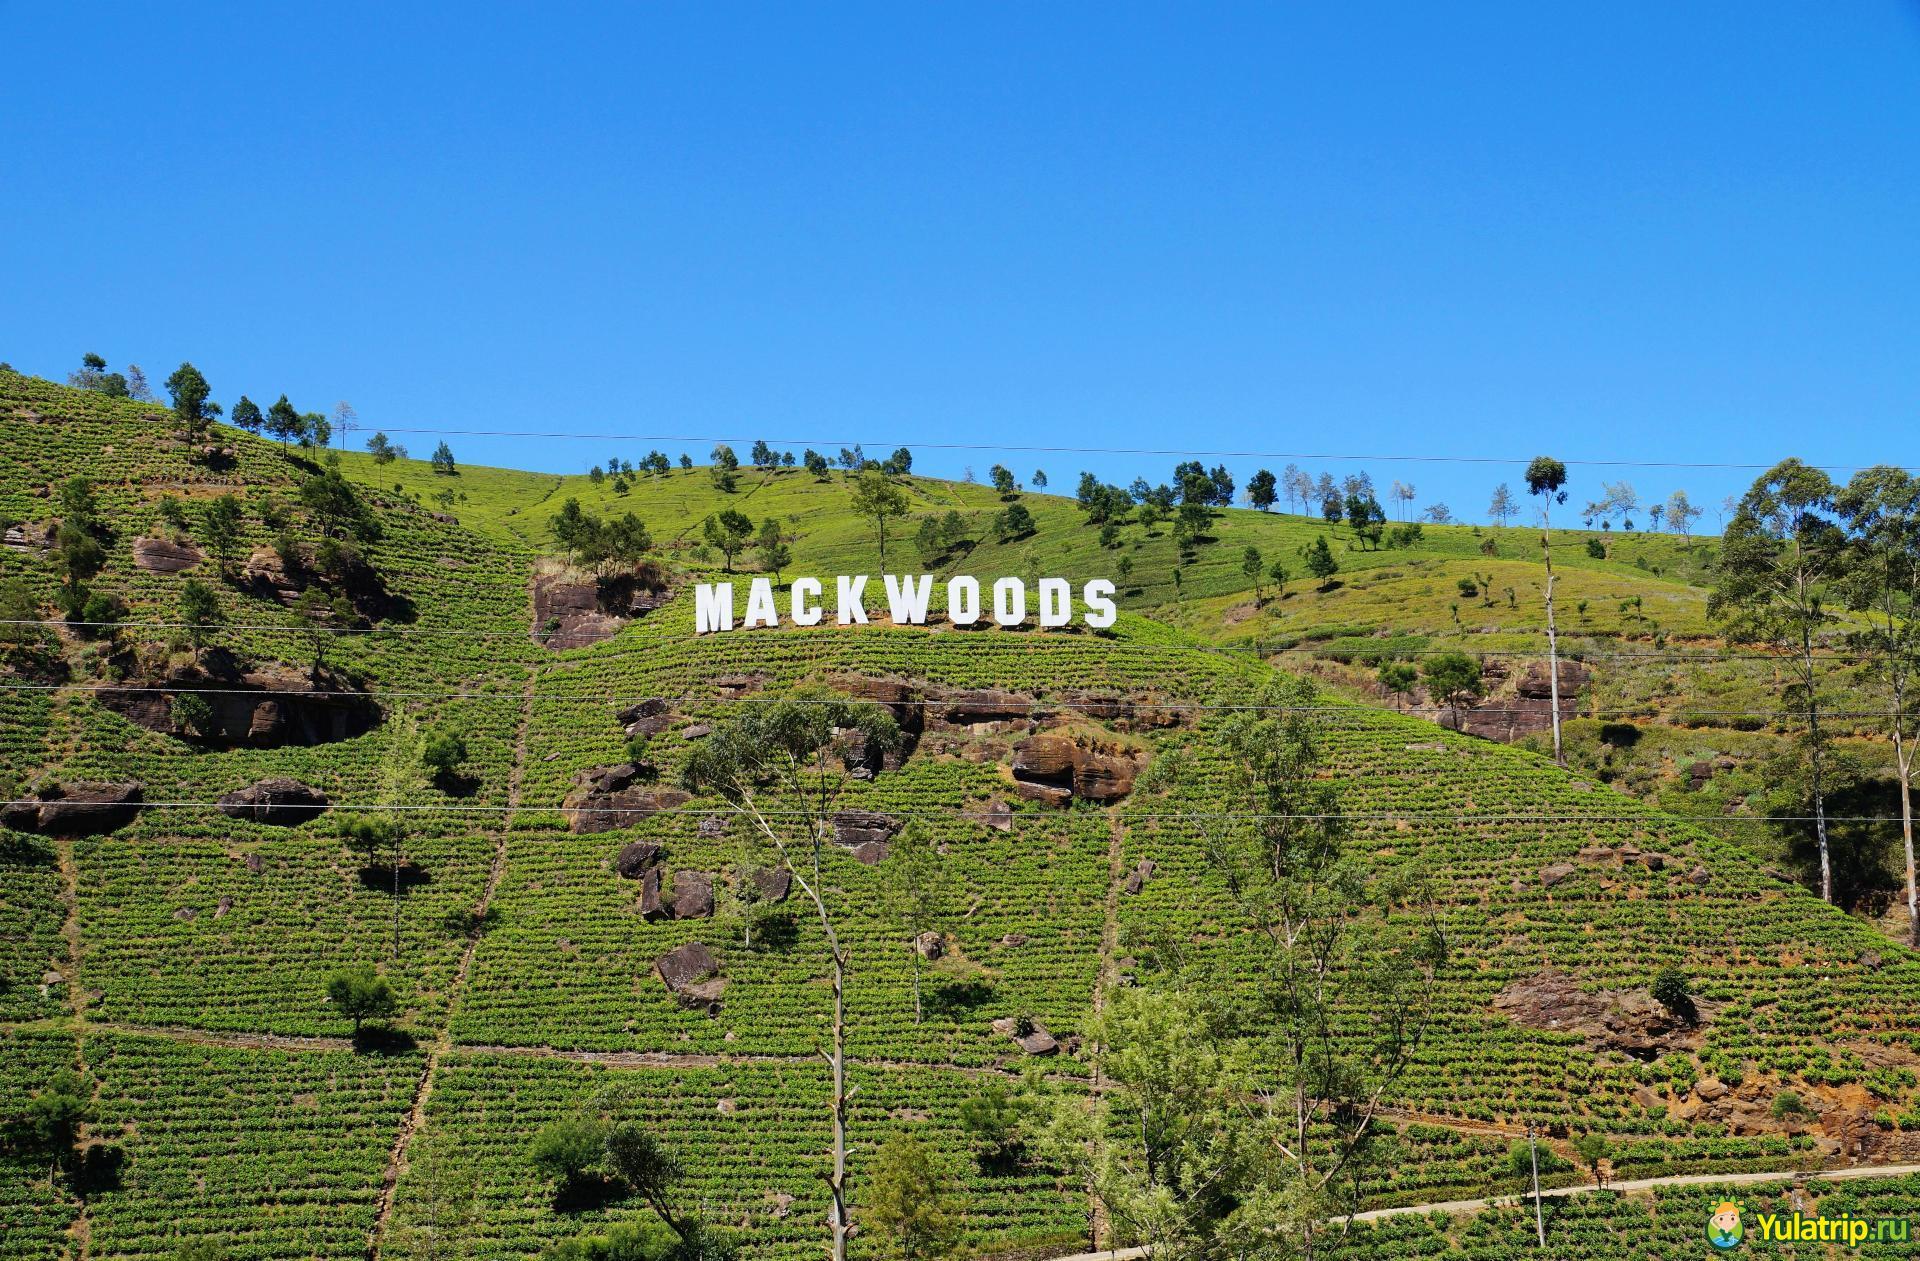 mackwoods шри ланка